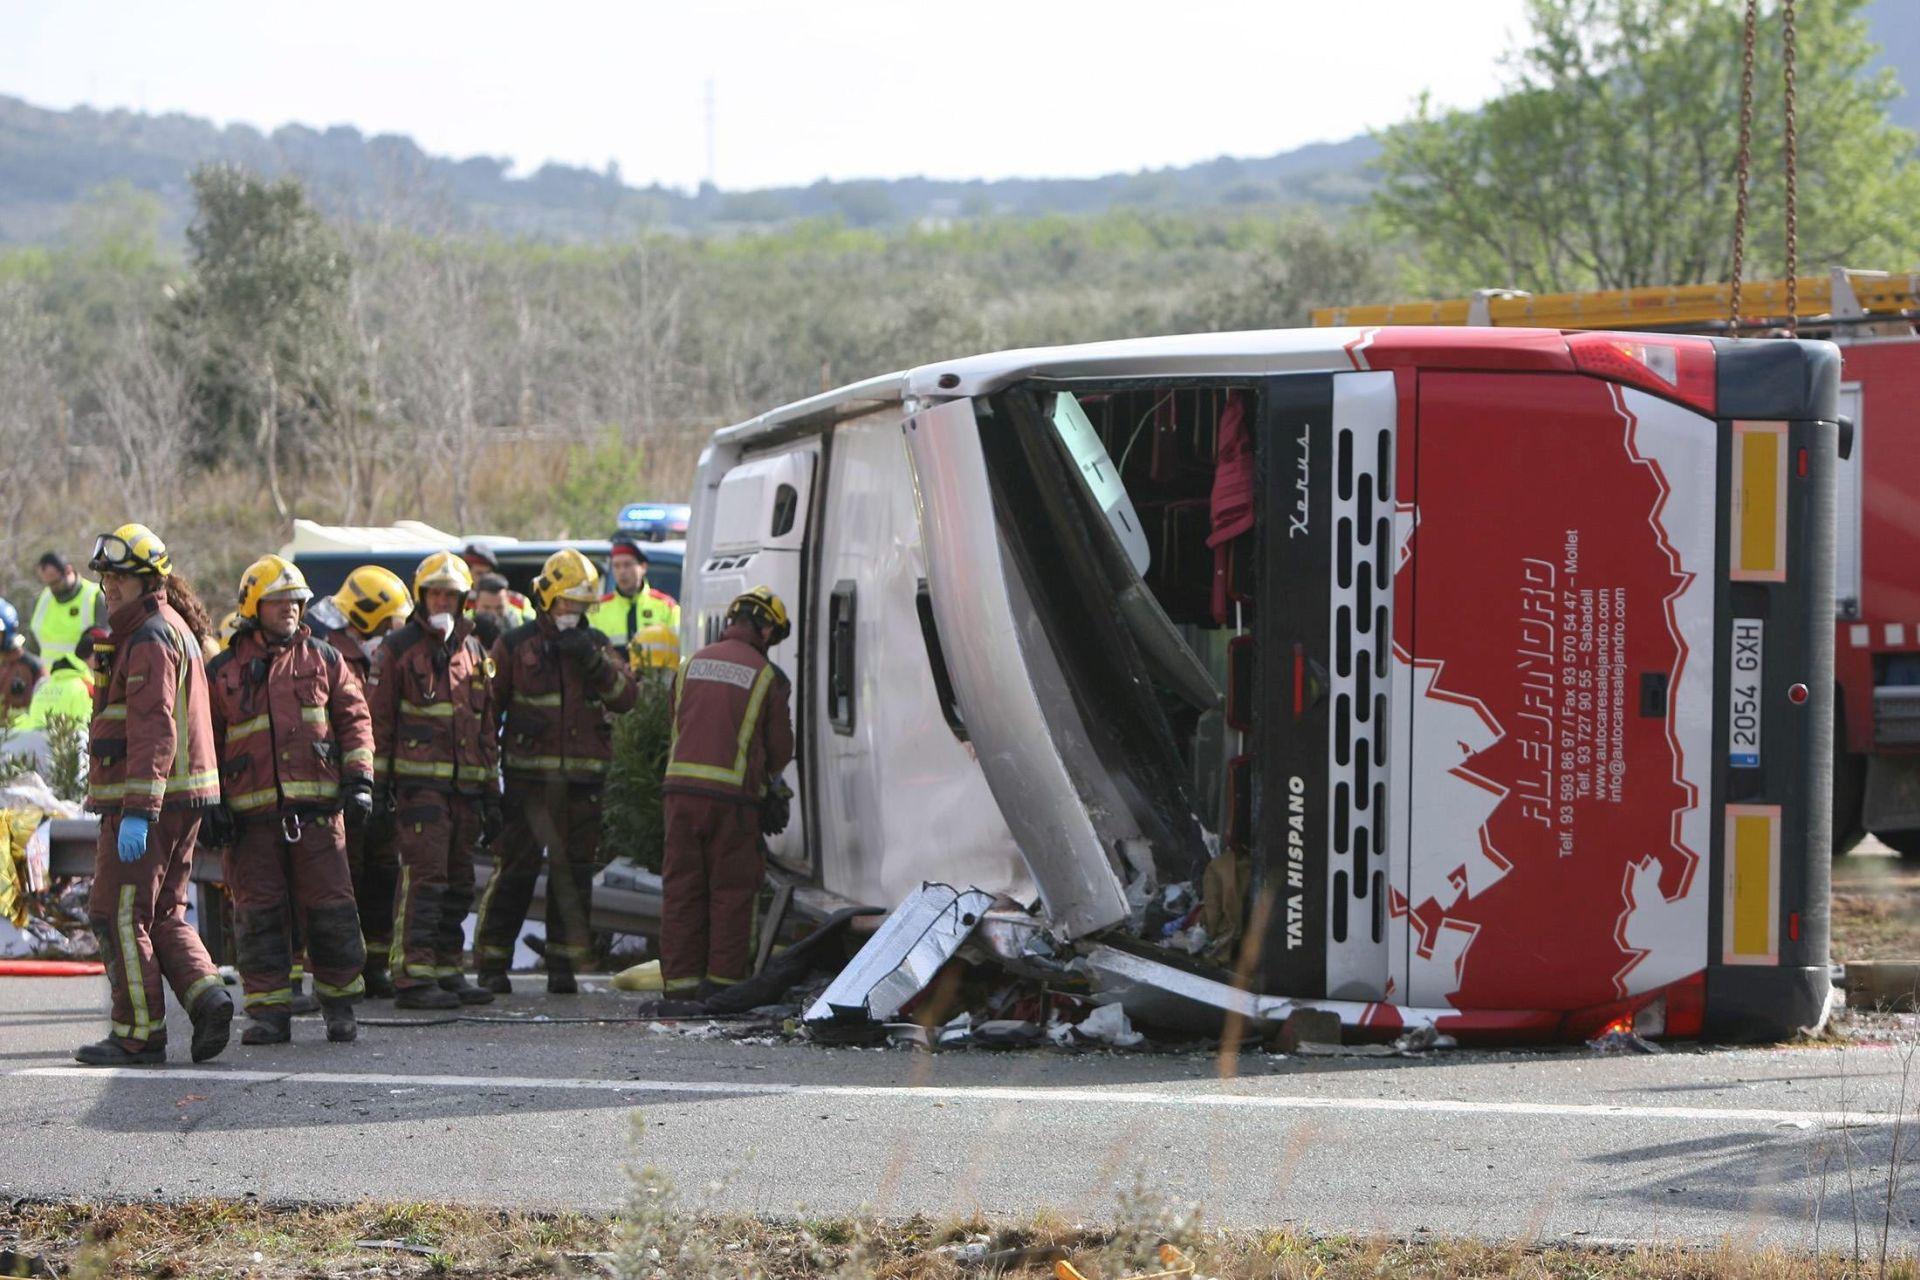 NESREĆA U ŠPANJOLSKOJ: Poginulo 13 studentica raznih nacionalnosti